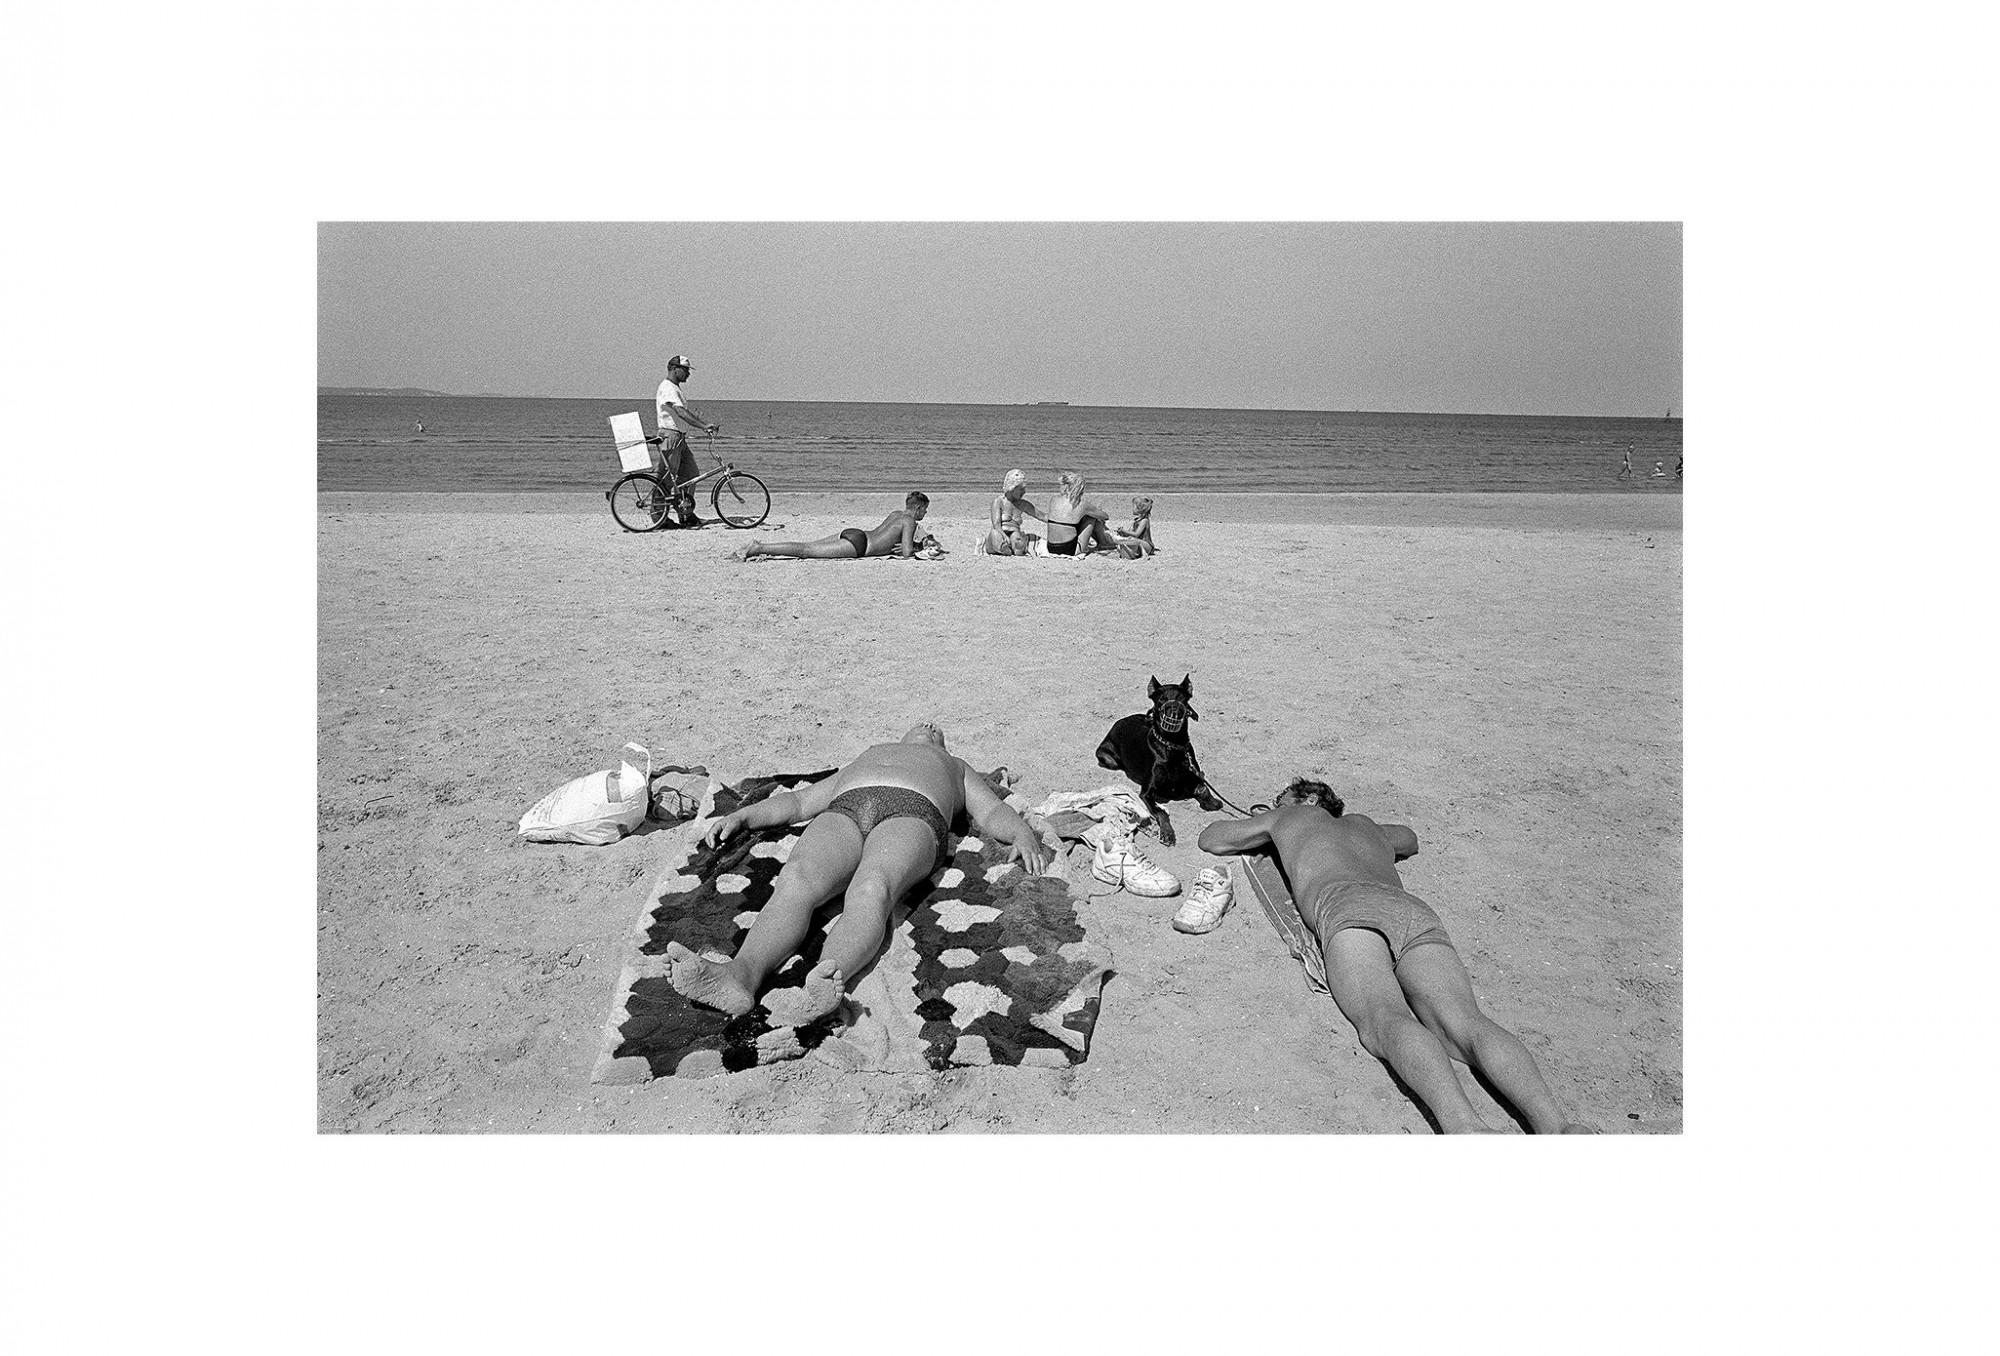 Afbeelding: Uit de reeks : Polen, een kast op glazen poten, 95-02-37, Swinousjie,  © Dominique Van Huffel.